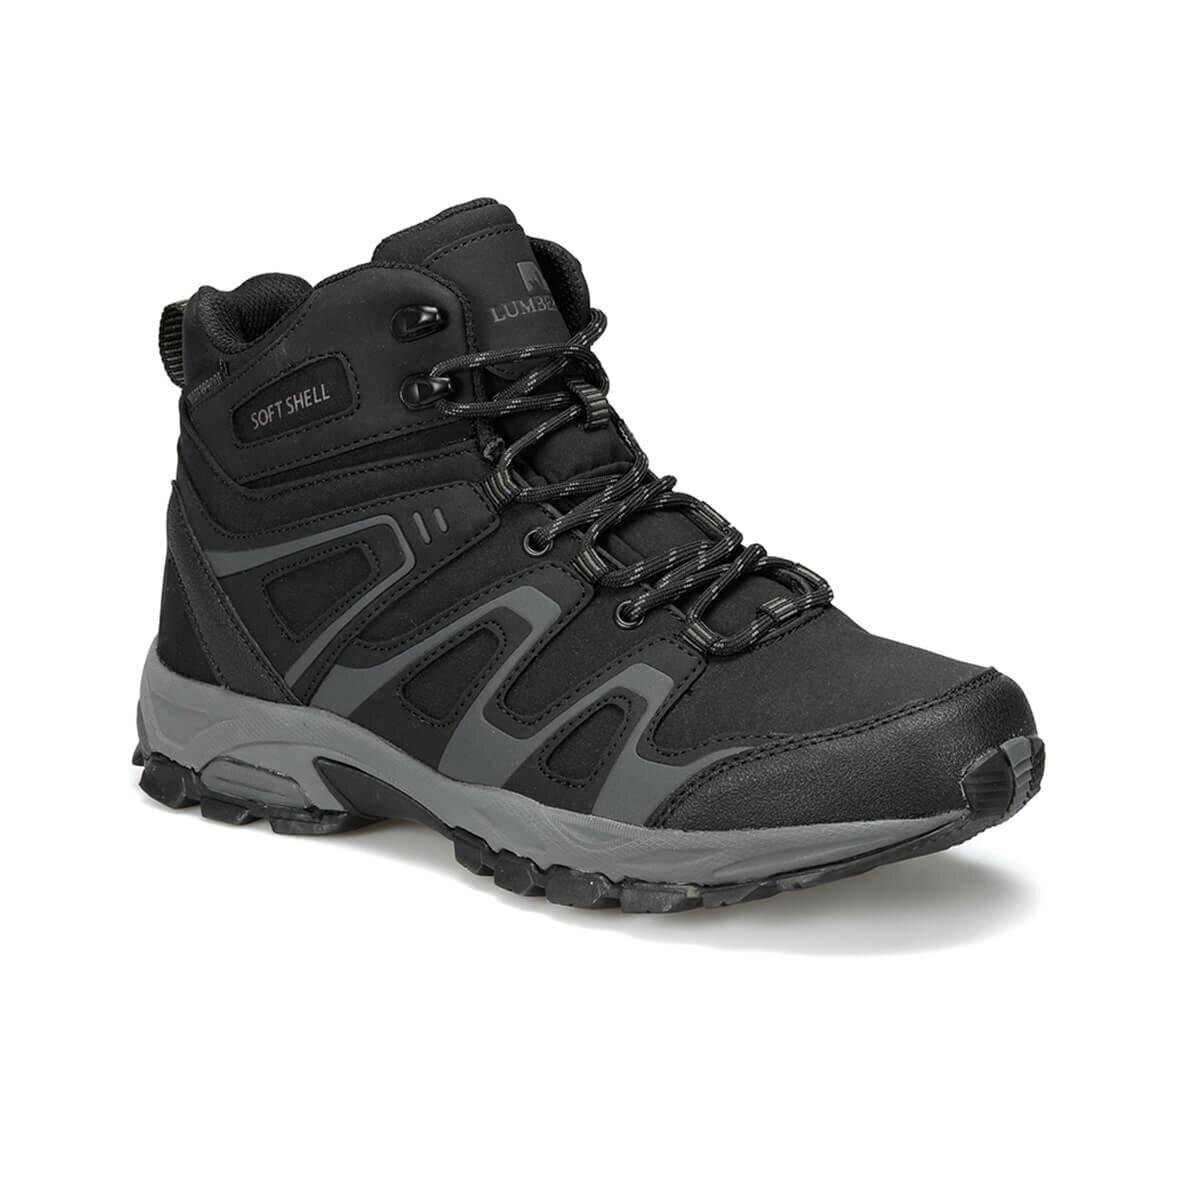 FLO INCITE HI 9PR Black Male Outdoor Boots LUMBERJACK